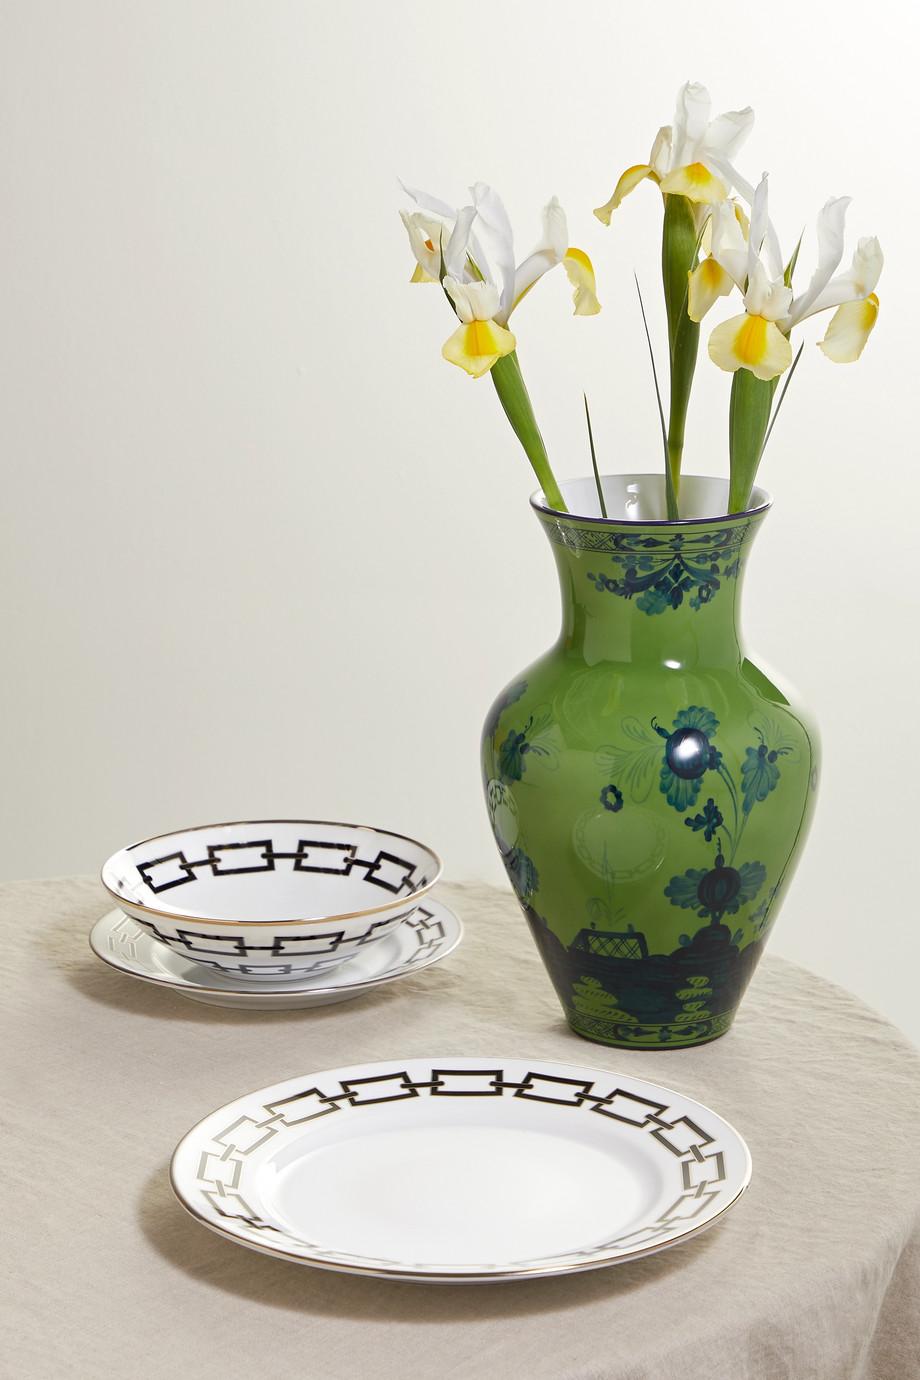 Ginori Catene 28 cm Teller aus Porzellan mit vergoldeten Details